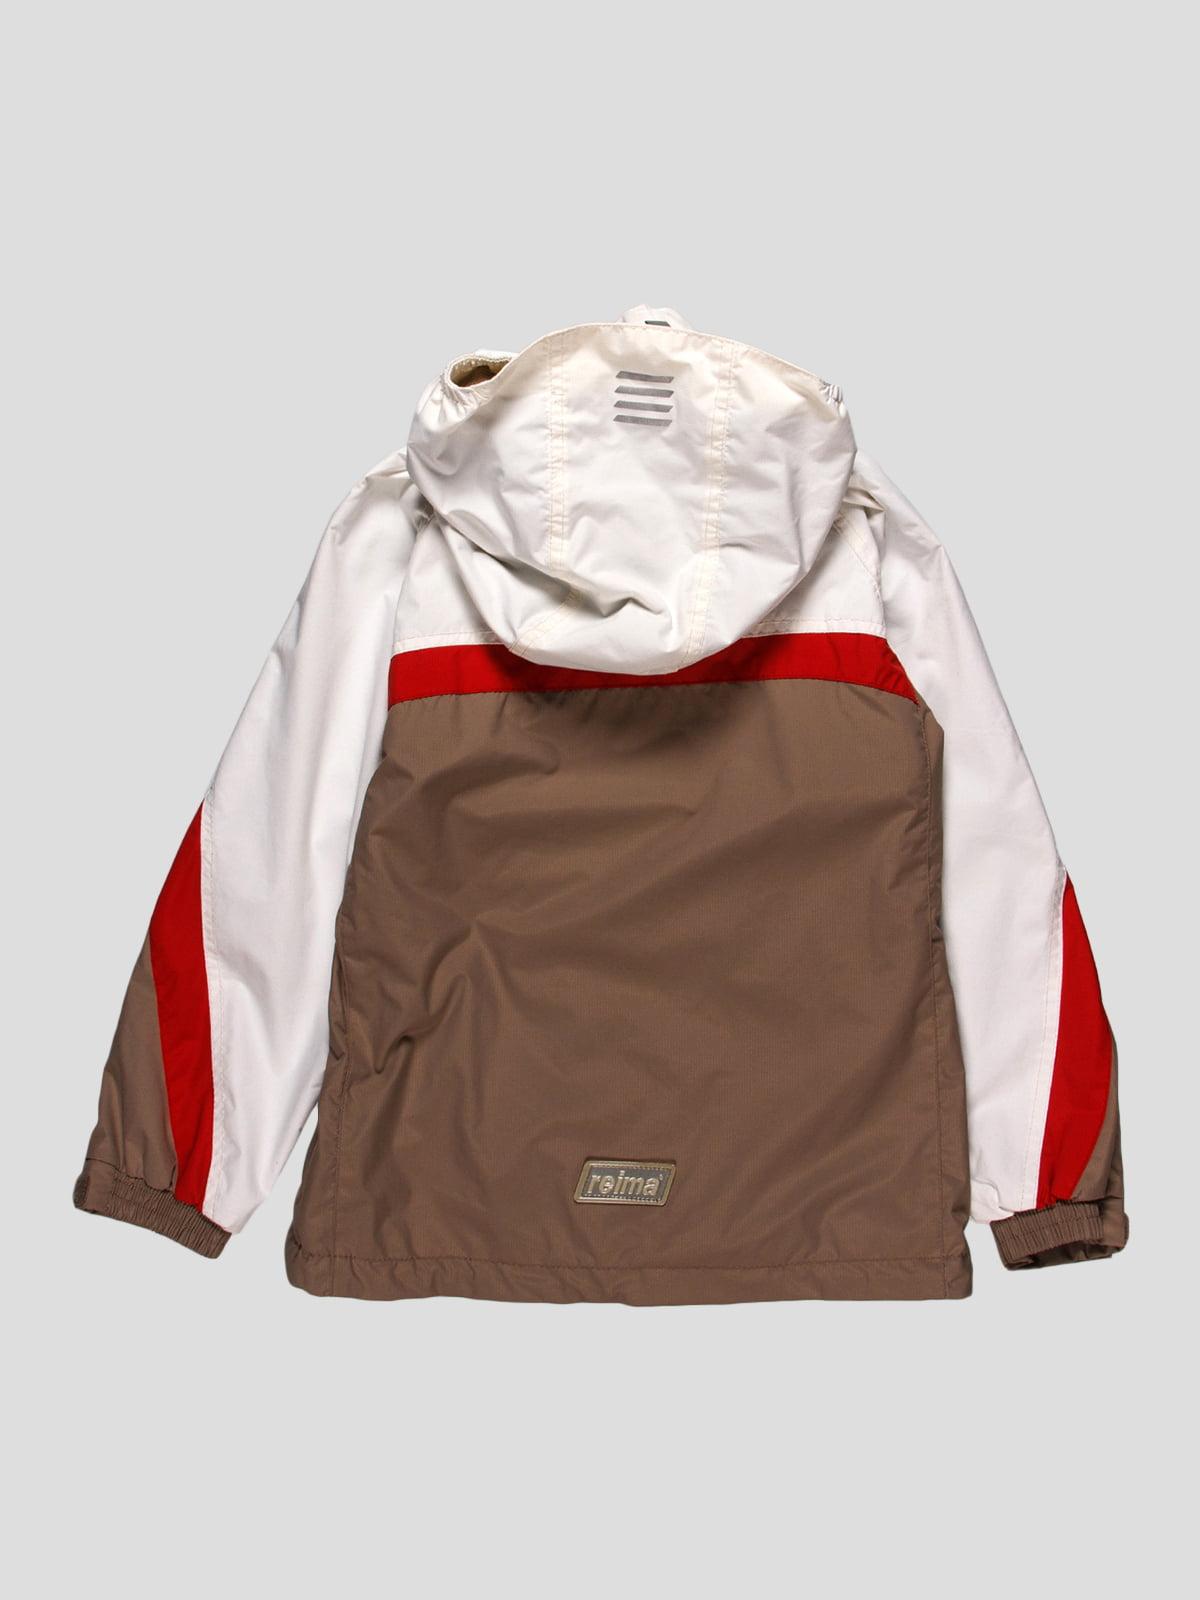 Куртка двухцветная с отделкой | 61440 | фото 2